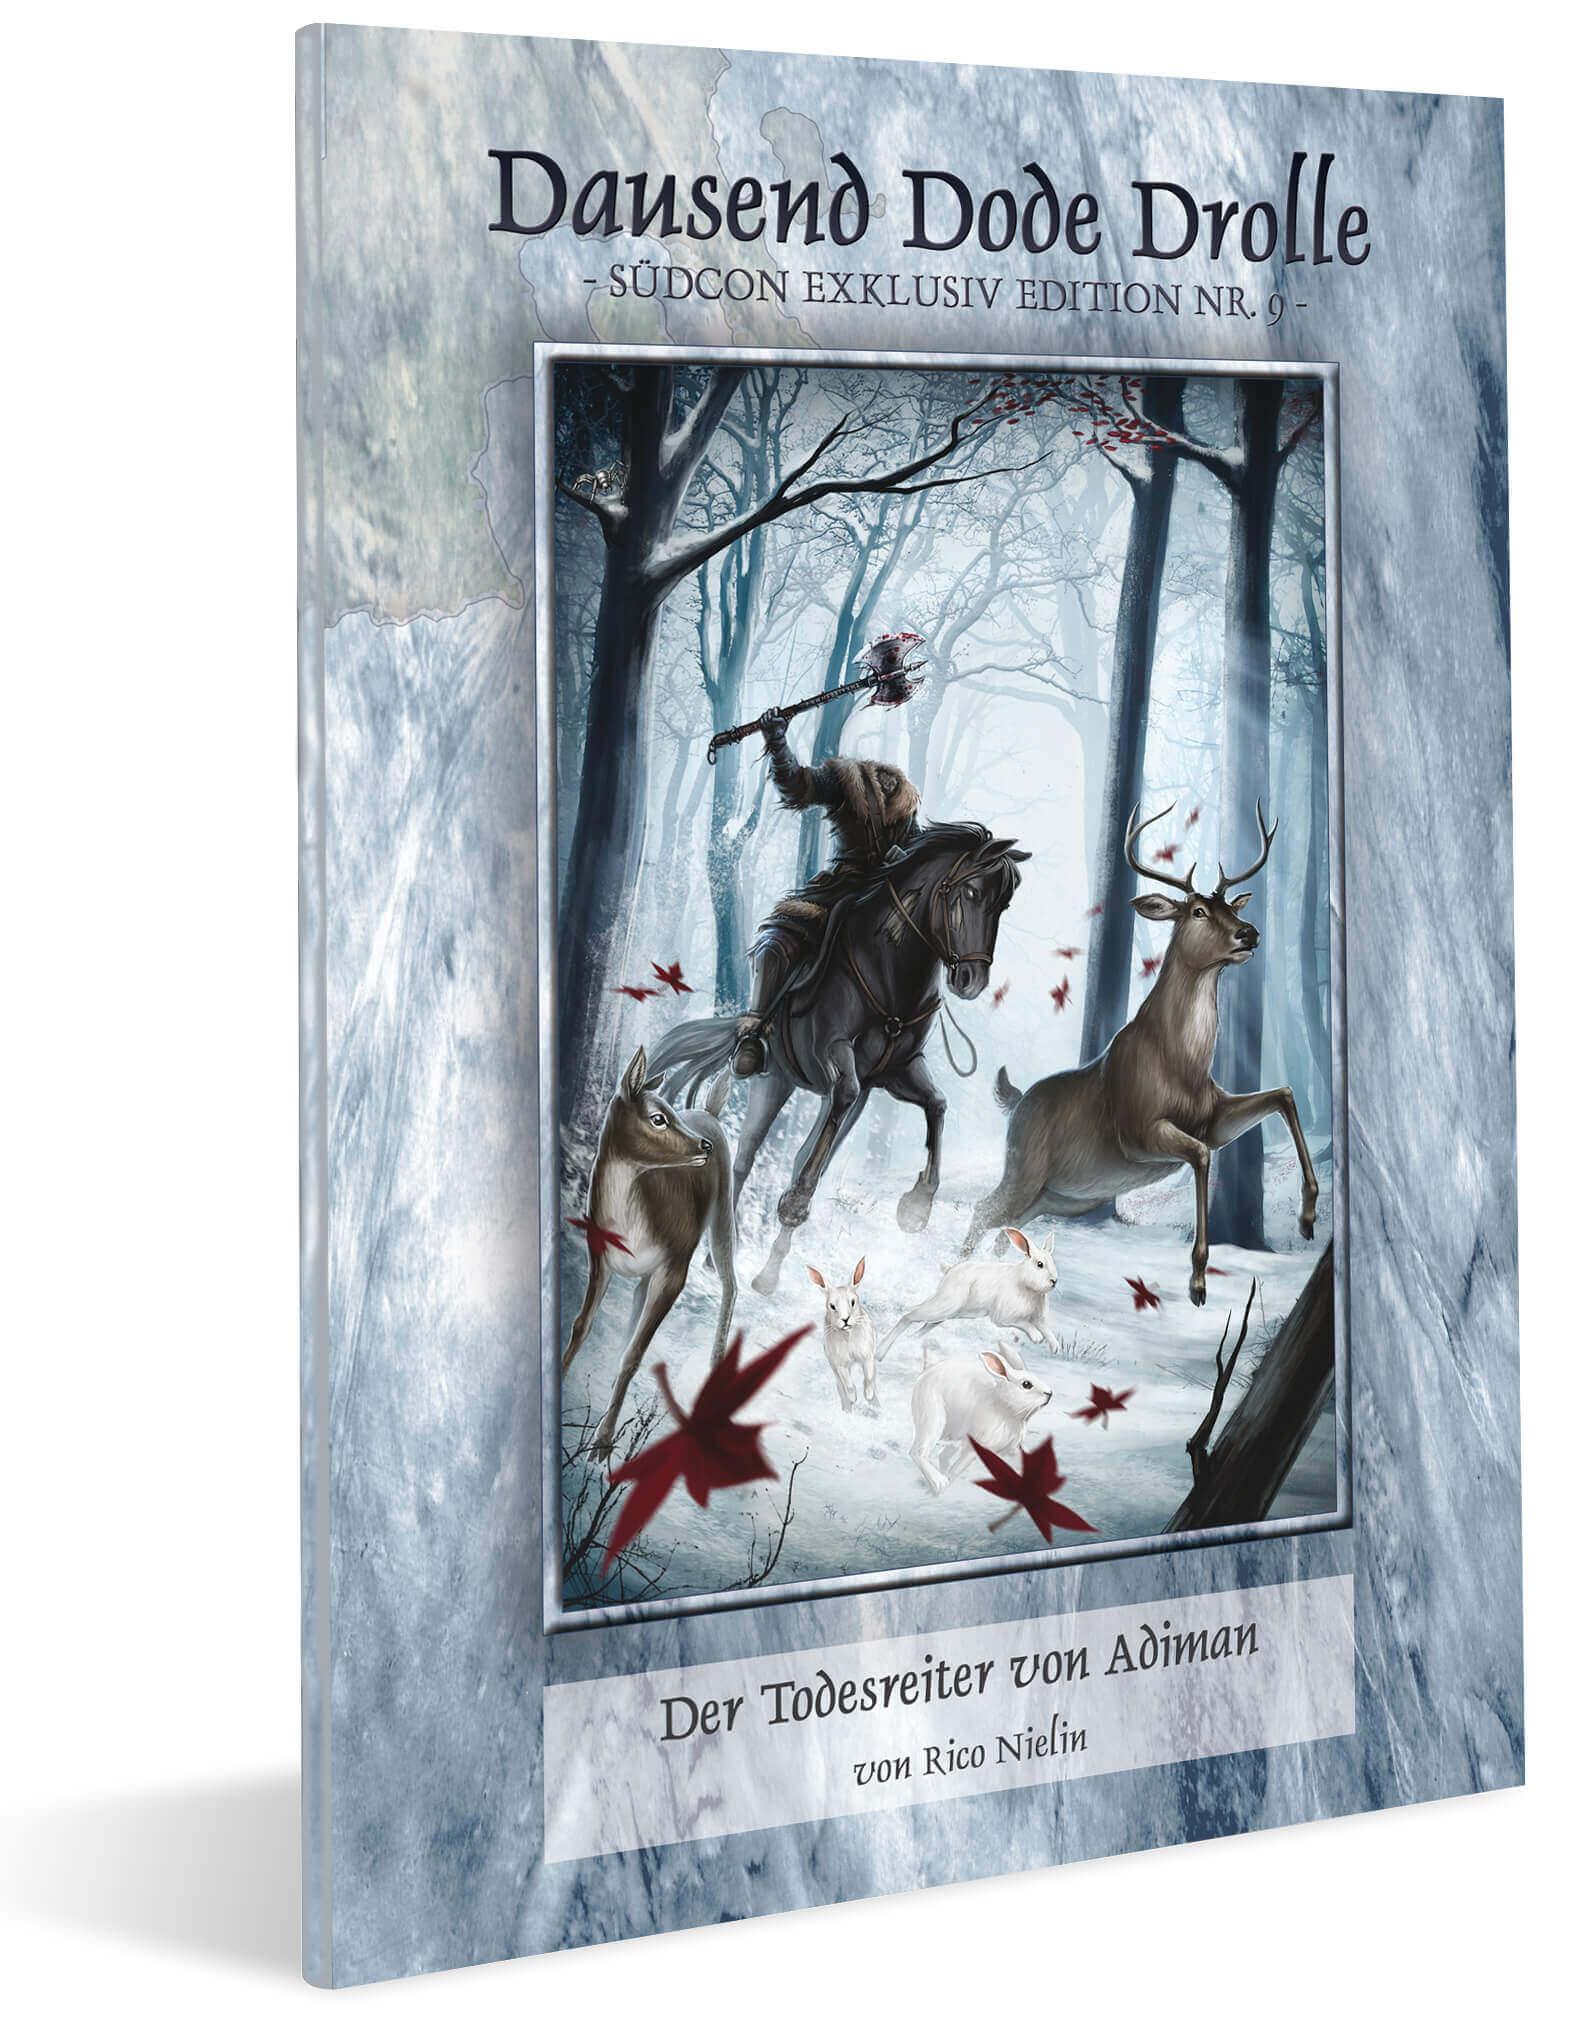 Cover Midgard Südcon Abenteuerband Der Todesreiter von Adiman